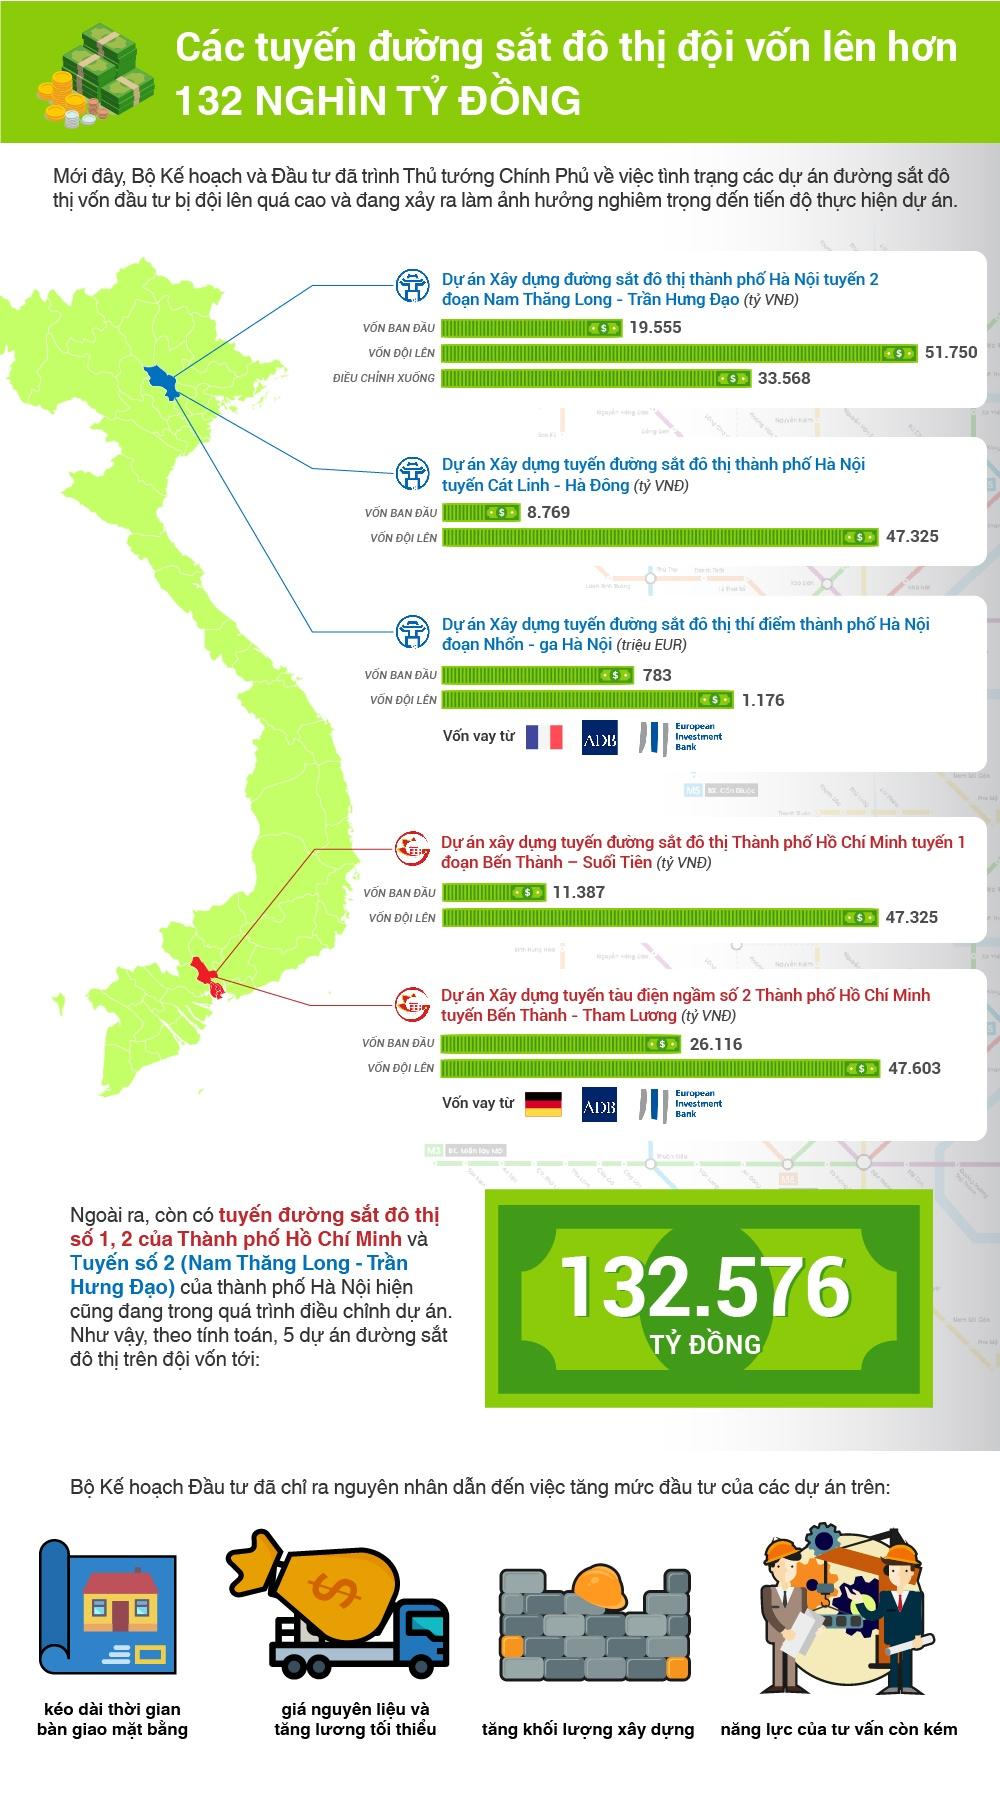 infographic 5 tuyen duong sat do thi doi von len hon 132 nghin ty dong